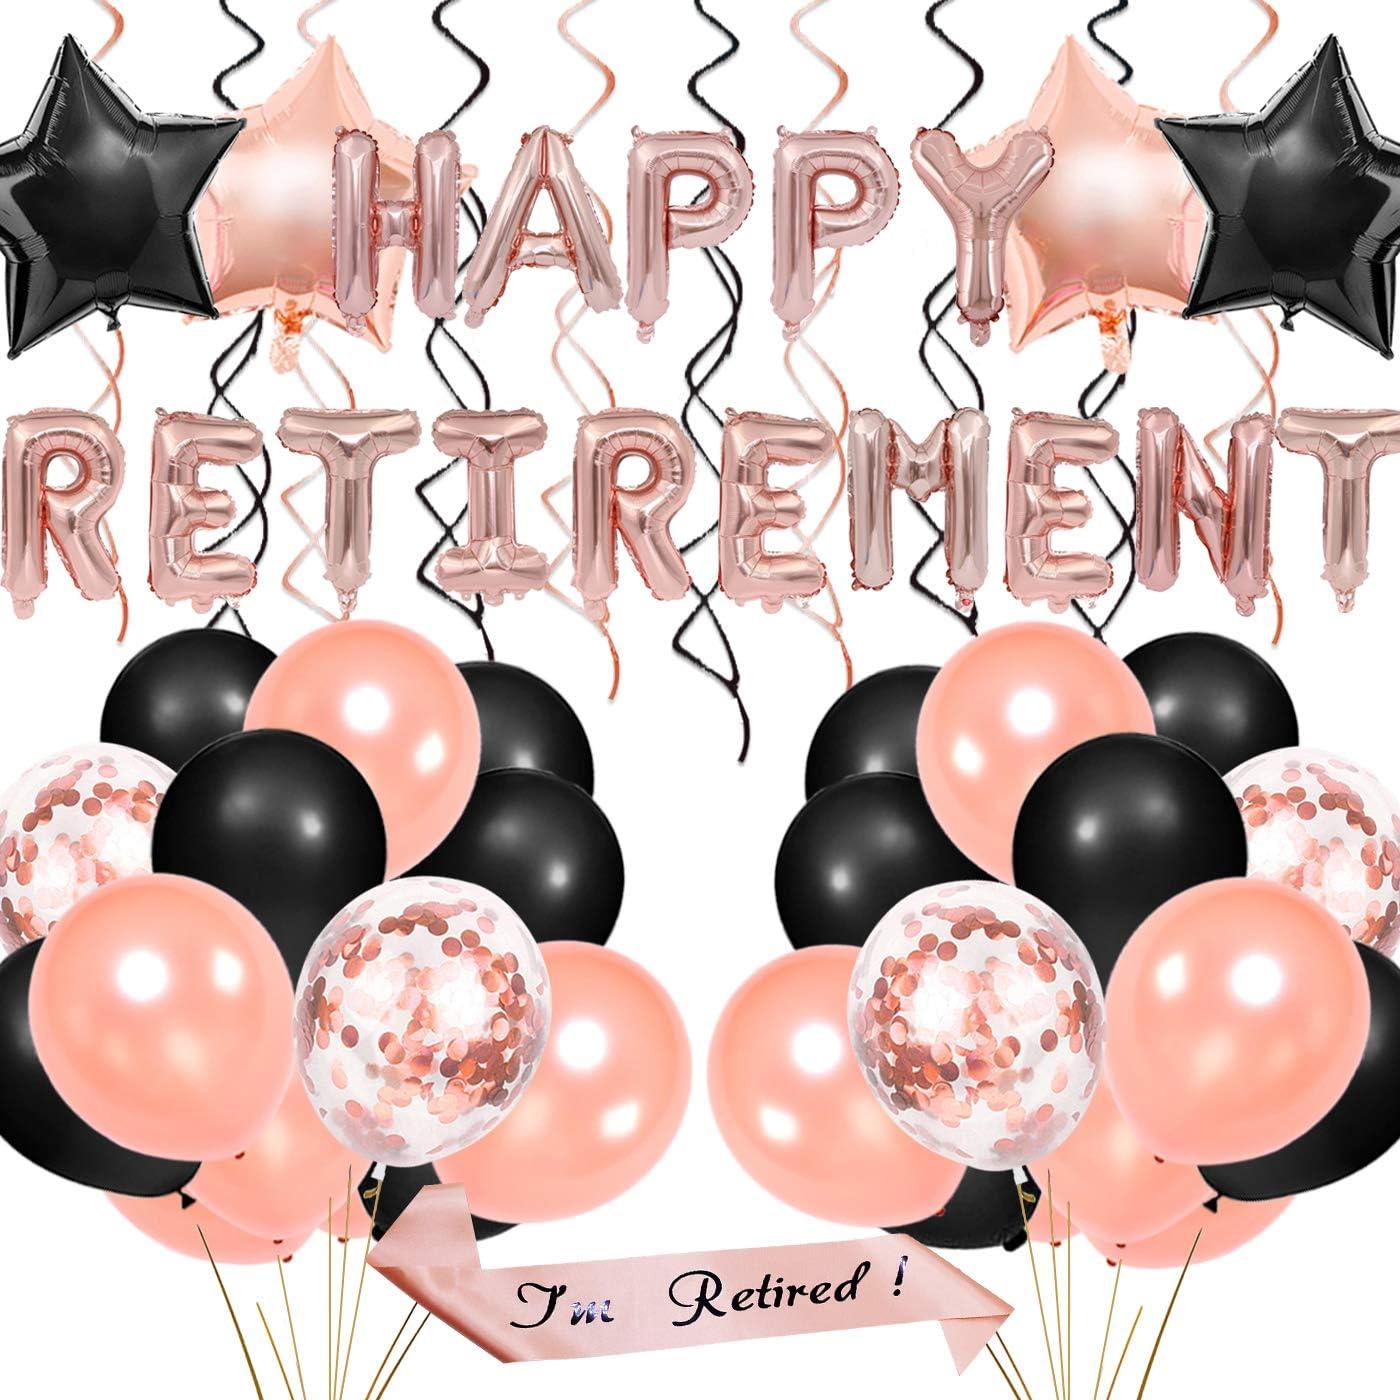 Decoraciones de fiesta de jubilación para mujeres: artículos de jubilación Oro rosa, Bandera de globo de jubilación feliz, Faja Retirada, Papel de aluminio colgando de remolinos, Globos de confeti: Amazon.es: Juguetes y